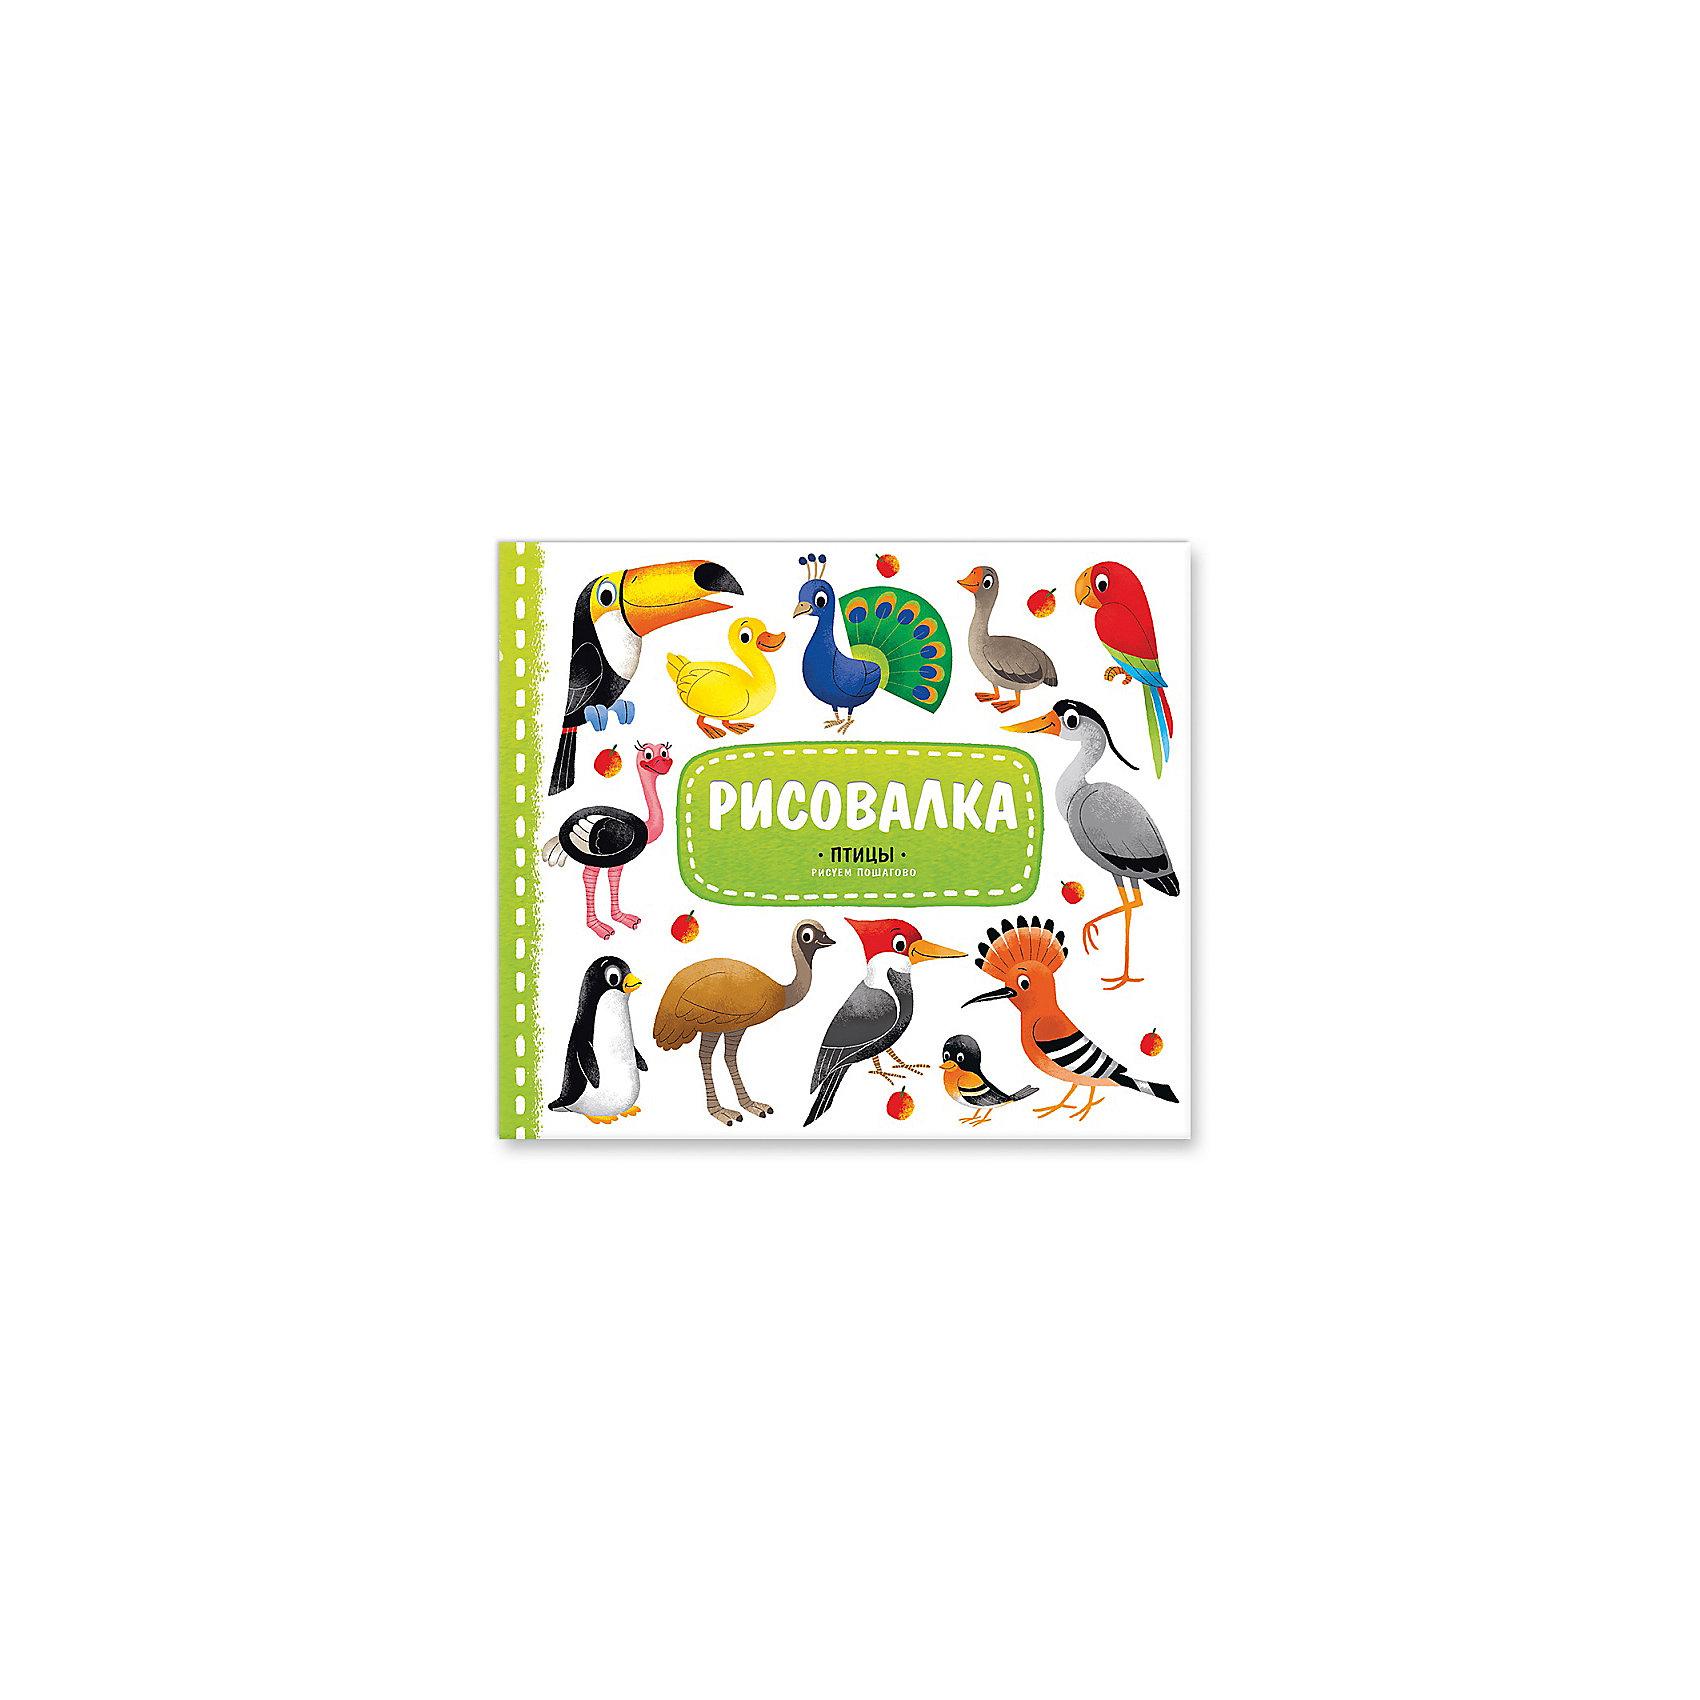 Рисовалка ПтицыХотите научить детей рисовать  диковинных птиц? Поверьте, это не так уж сложно. Главное, шаг за шагом следовать советам, которые вы найдете в книжке серии «РИСОВАЛКА». Всего 5 шагов и рисунок готов!<br>А на последней странице книжки ребёнок сможет создать свою картину, расклеив 7 ярких наклеек с изображением изумительных птиц.<br>Рисовать – это очень увлекательно!<br><br>Ширина мм: 225<br>Глубина мм: 220<br>Высота мм: 3<br>Вес г: 100<br>Возраст от месяцев: 36<br>Возраст до месяцев: 84<br>Пол: Унисекс<br>Возраст: Детский<br>SKU: 5423020